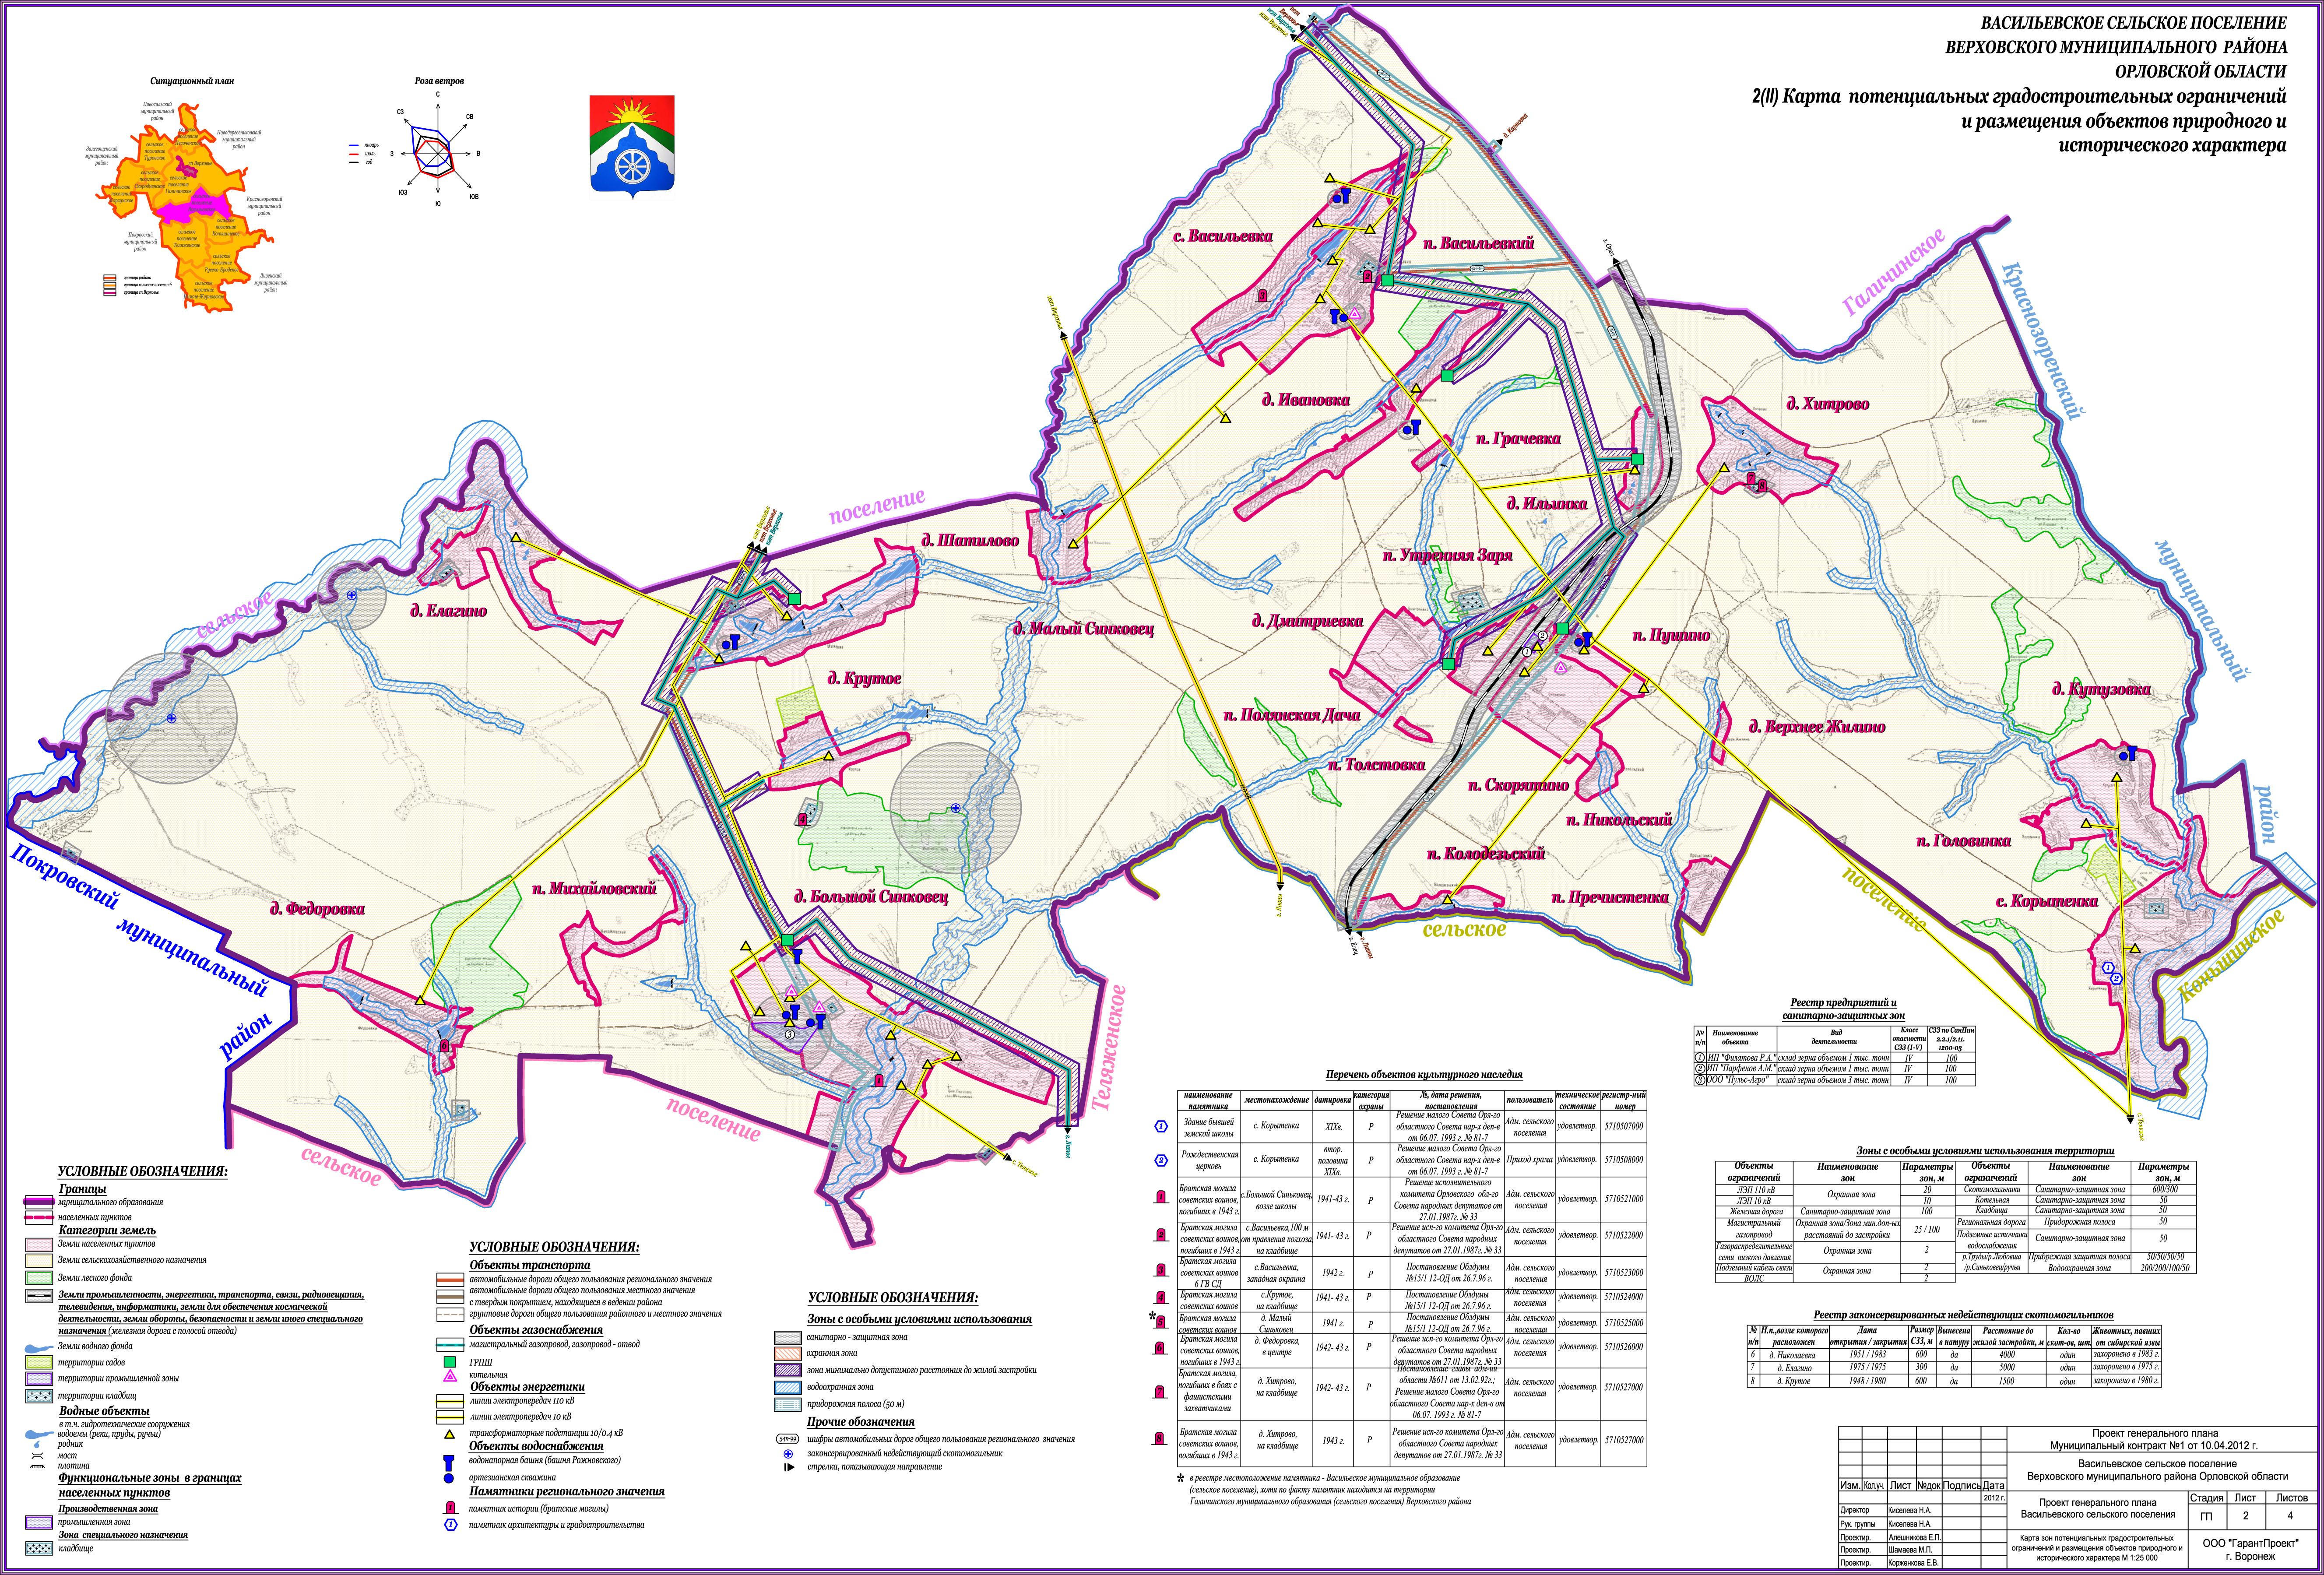 Схема территориального планирования серпуховского района